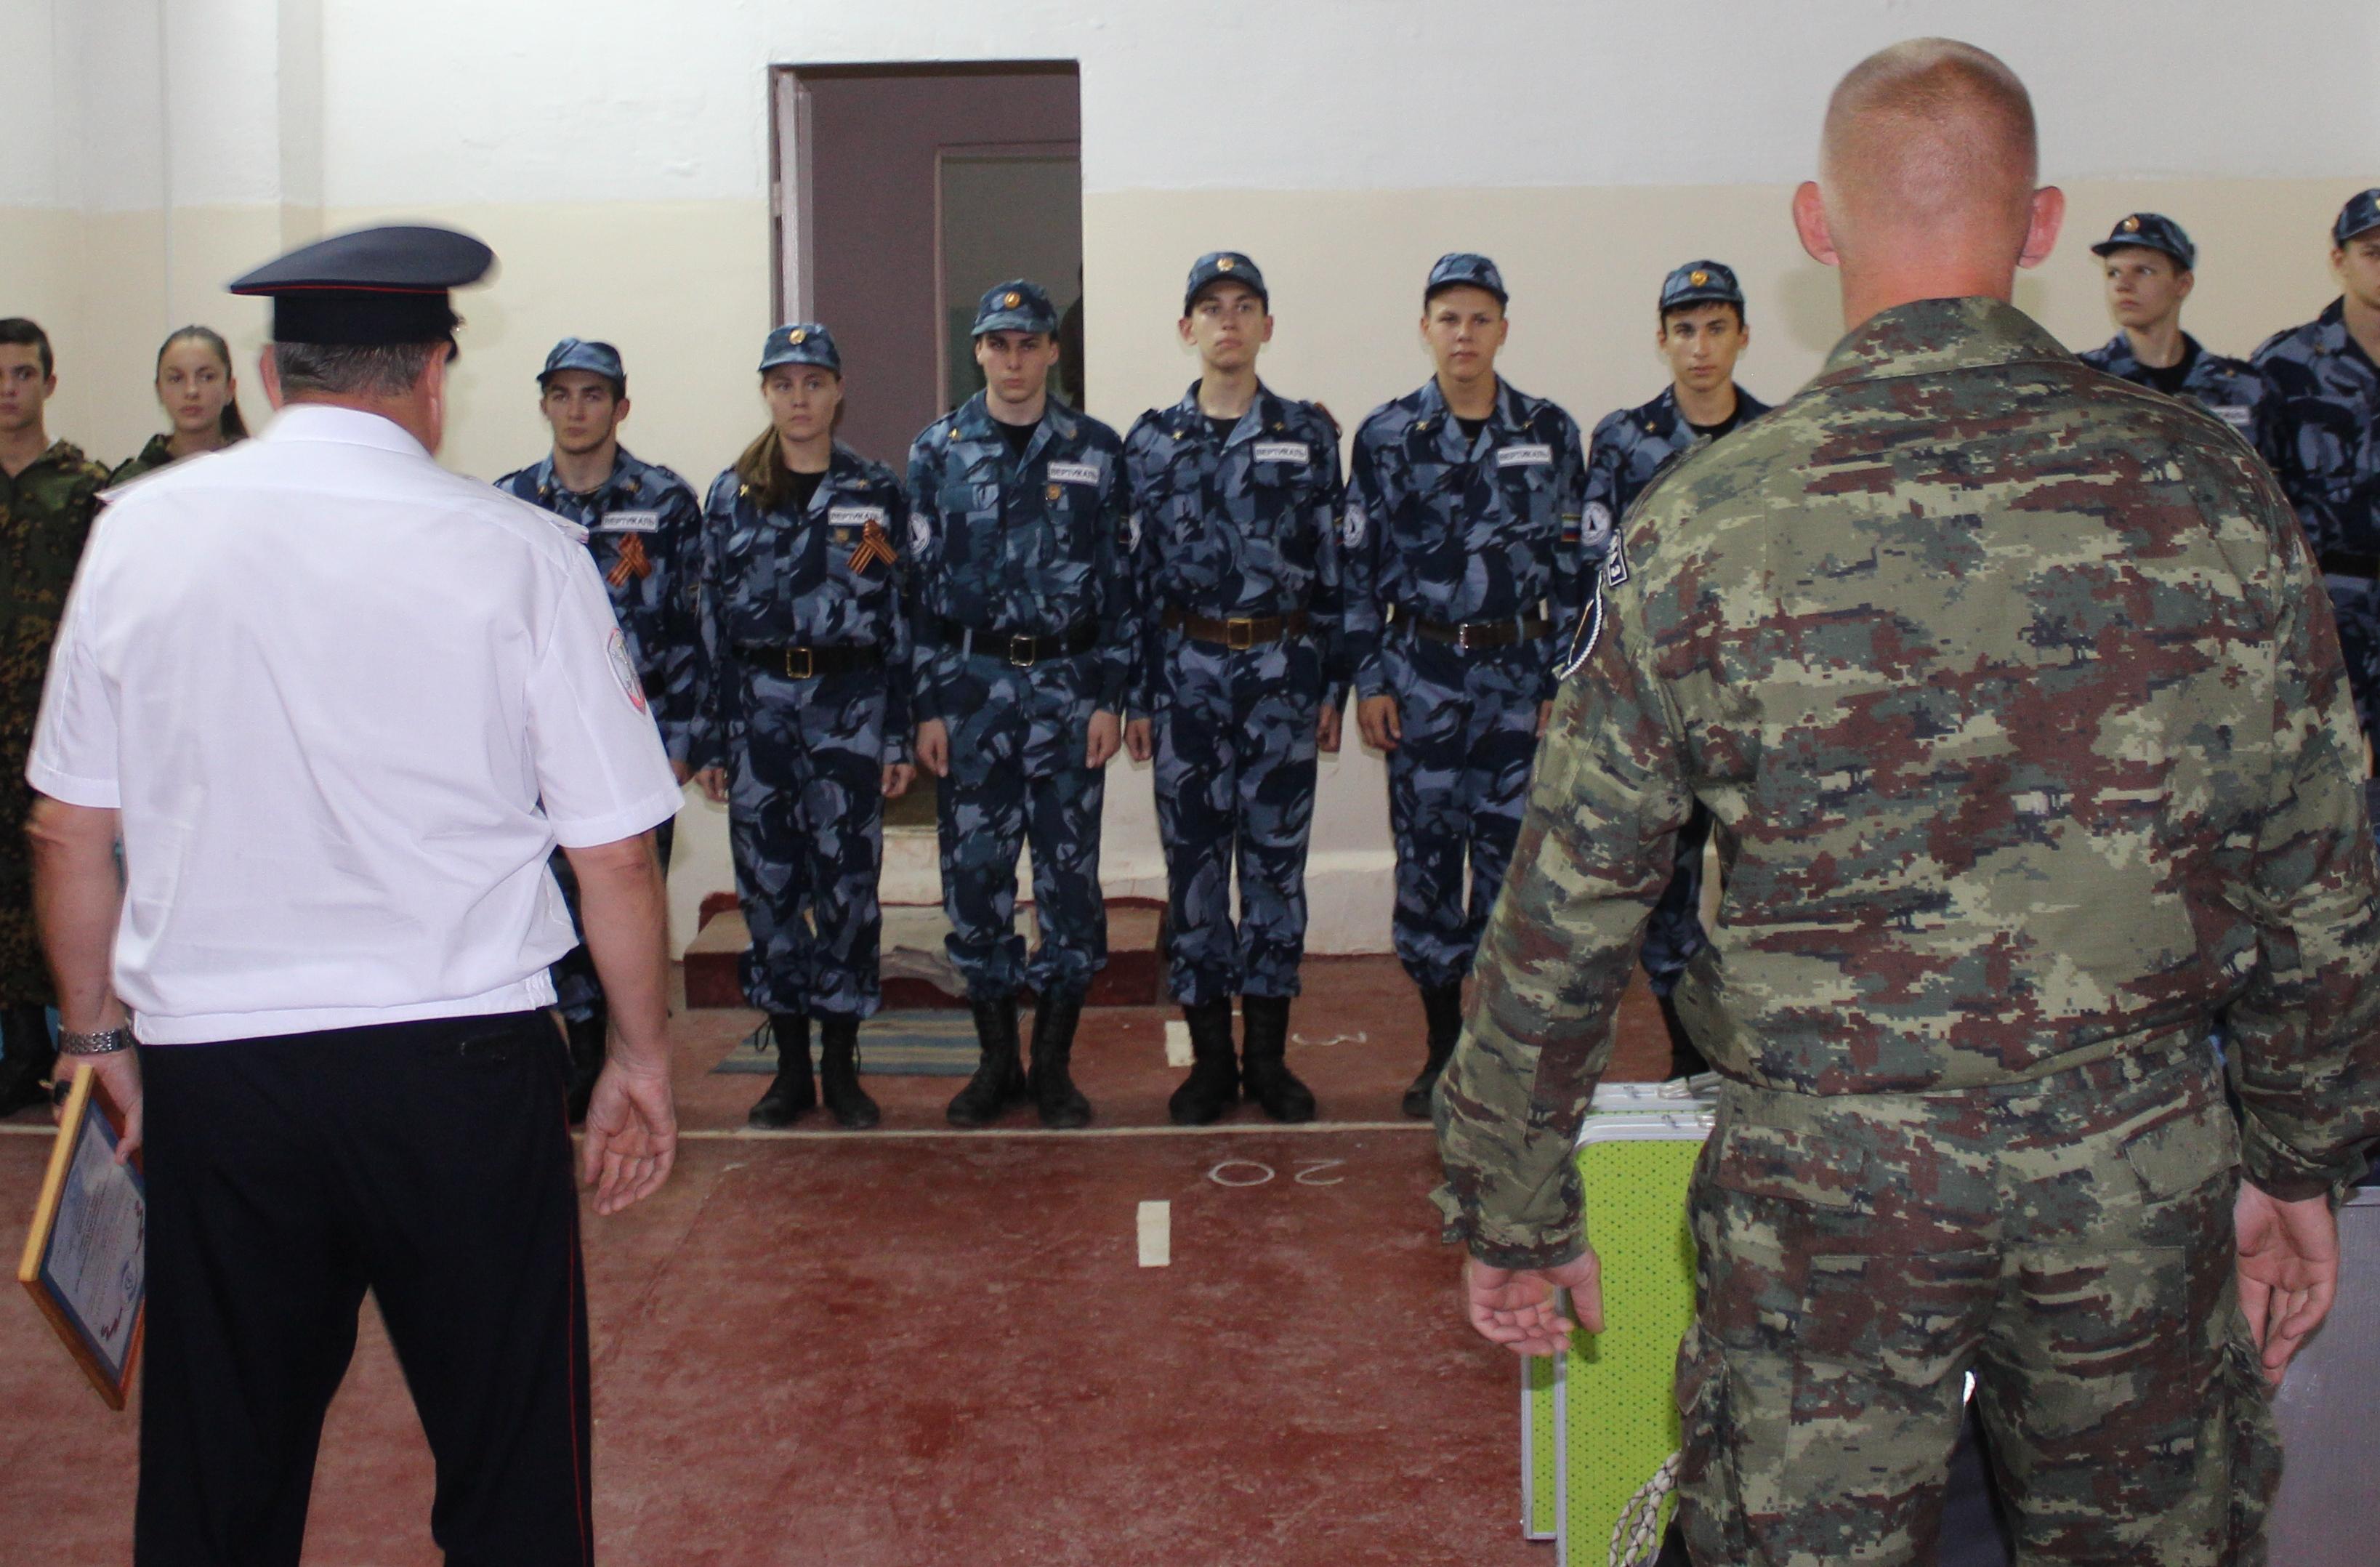 Военно-патриотических объединений традиционно посещают экспозицию национального музея адыгея в